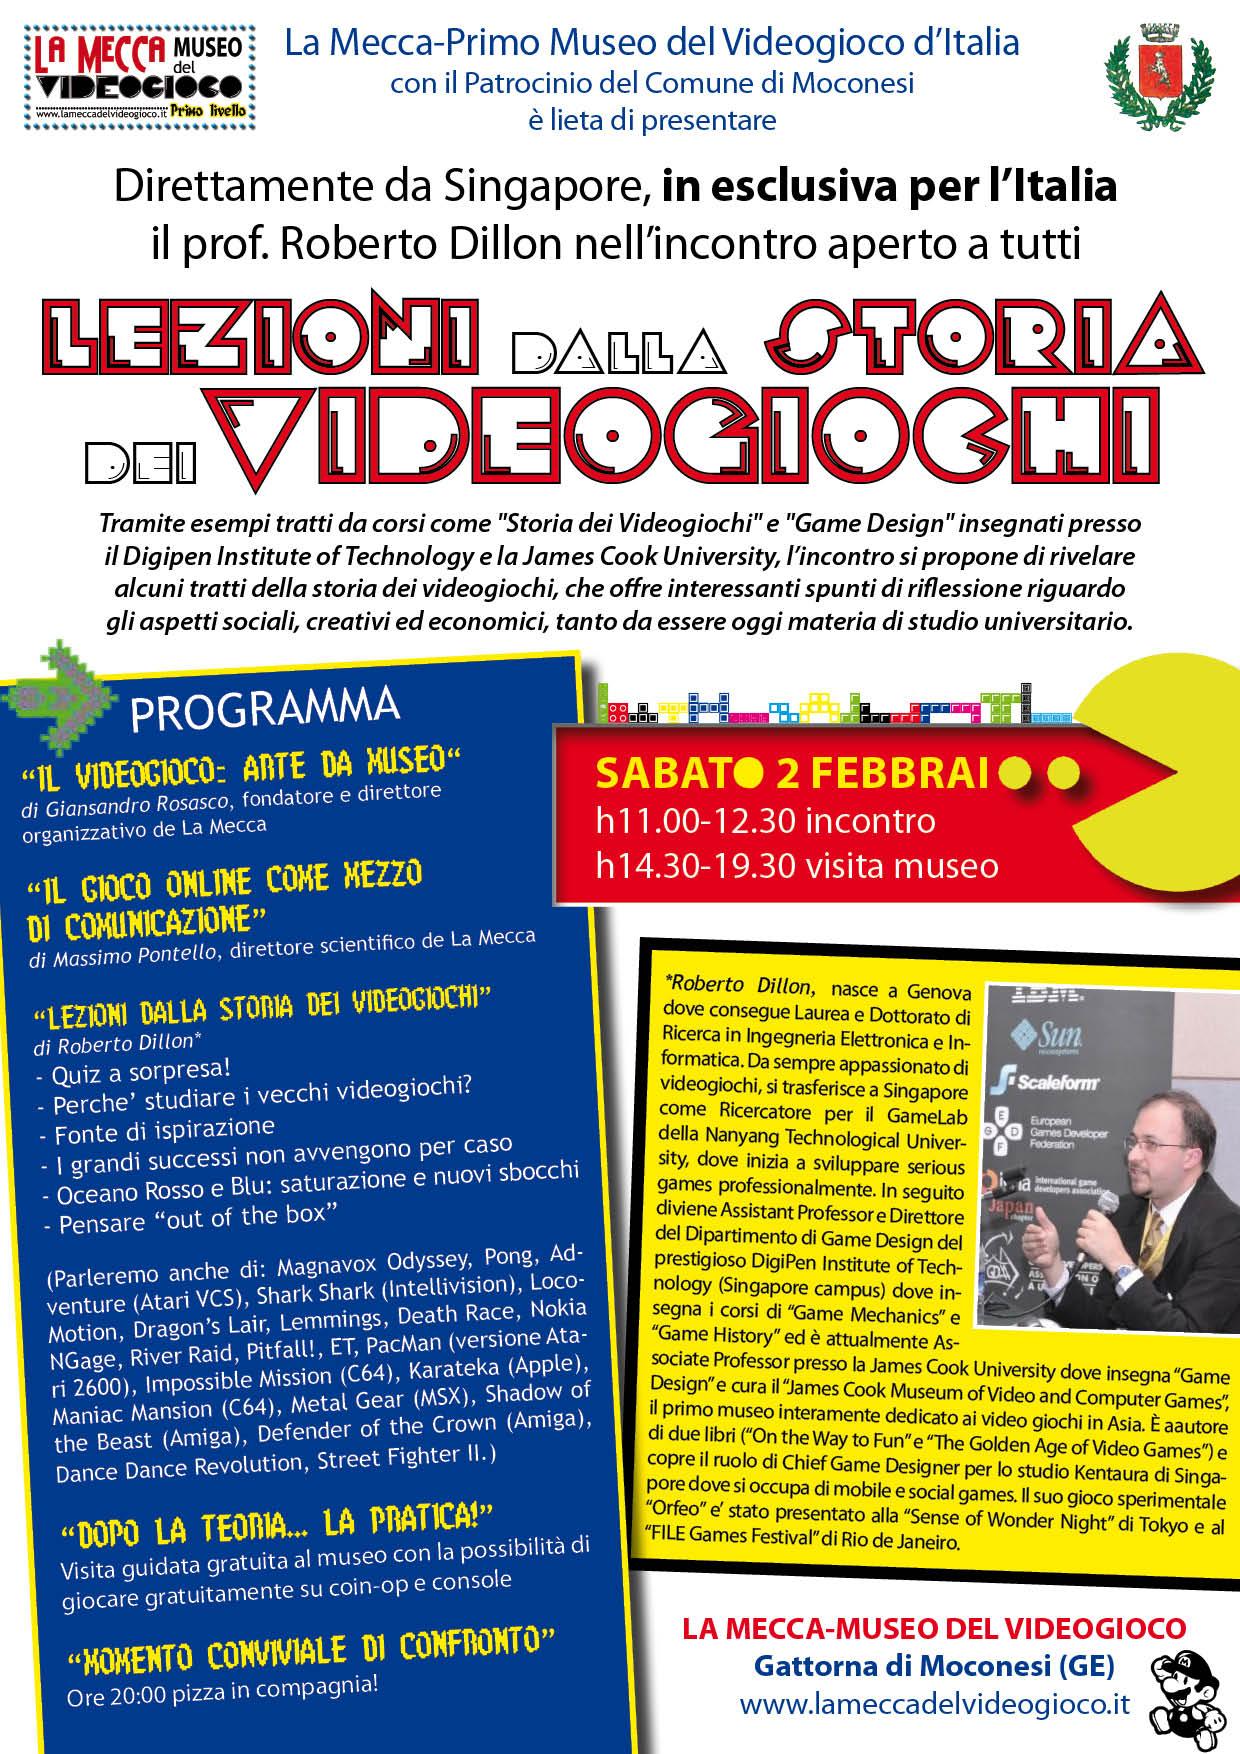 """2 Febbraio: a LA MECCA-PRIMO MUSEO DEL VIDEOGIOCO incontro 'Le lezioni dalla storia dei videogiochi"""", in esclusiva da Singapore il prof. Roberto DIllon"""